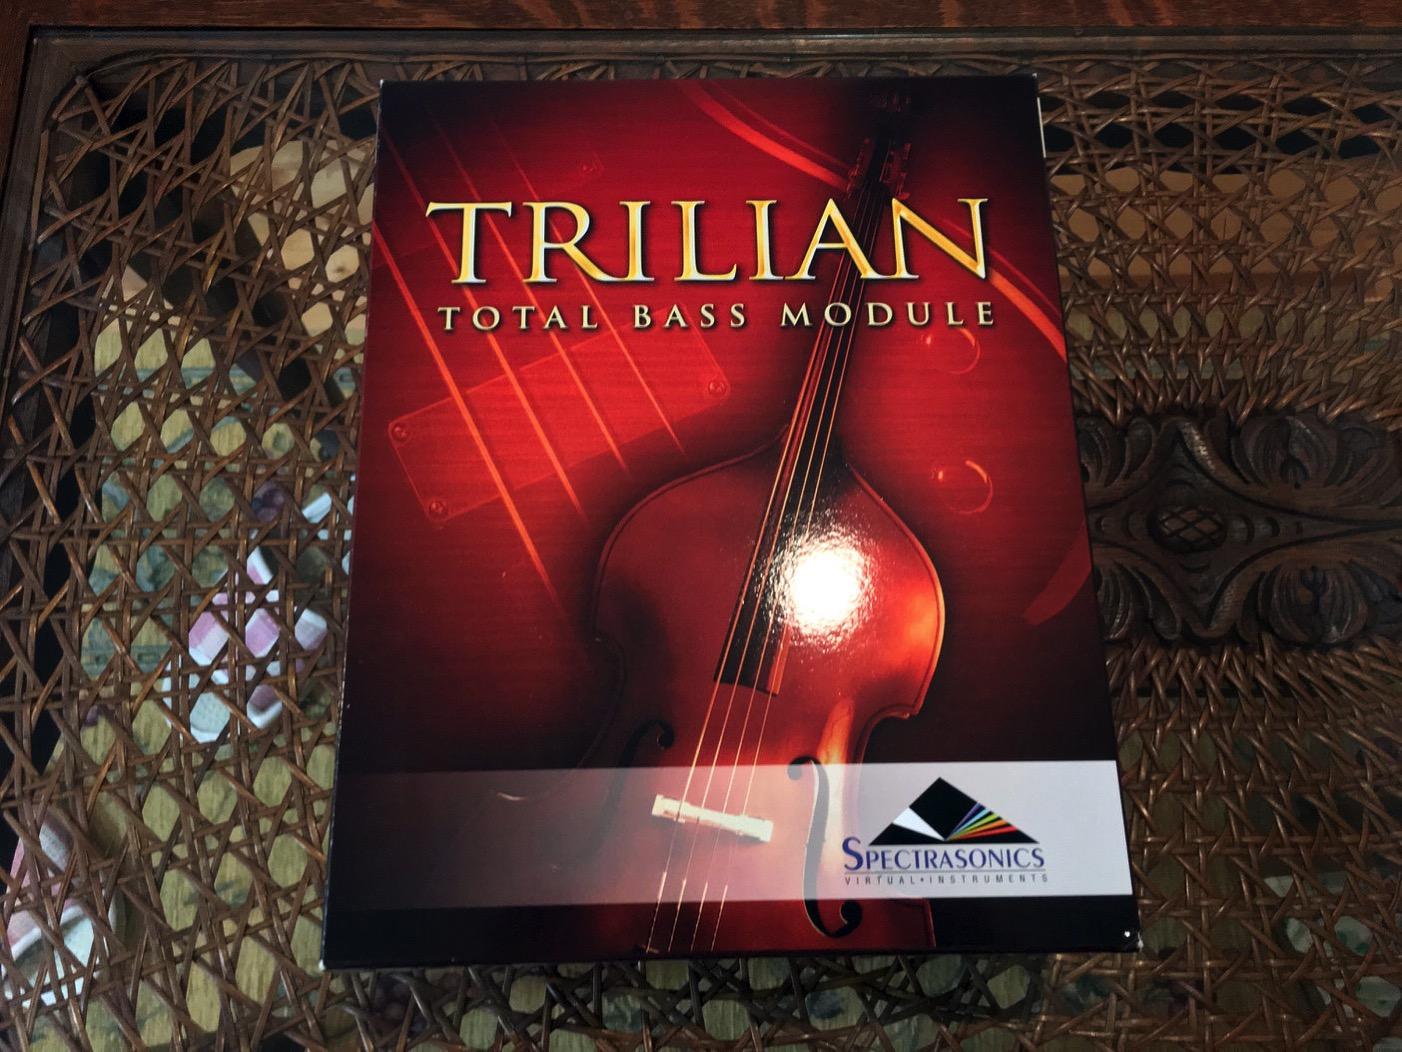 最高のベース音源、Trilianのパッケージ